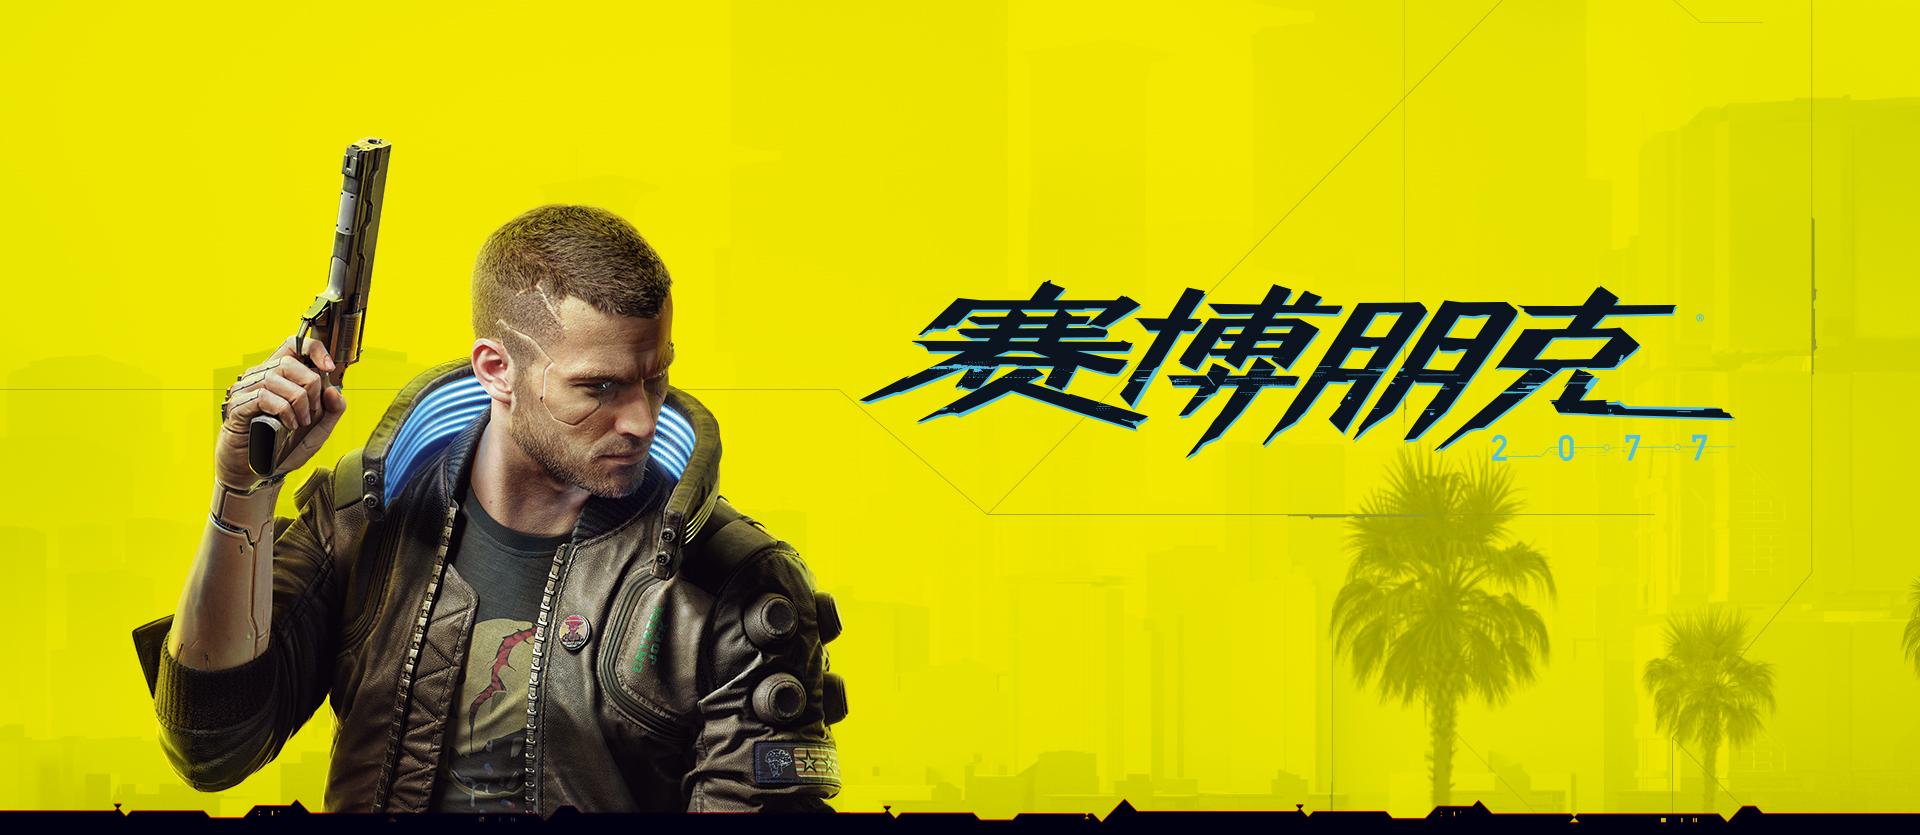 《赛博朋克 2077》角色与手枪作为徽标滚动的动画